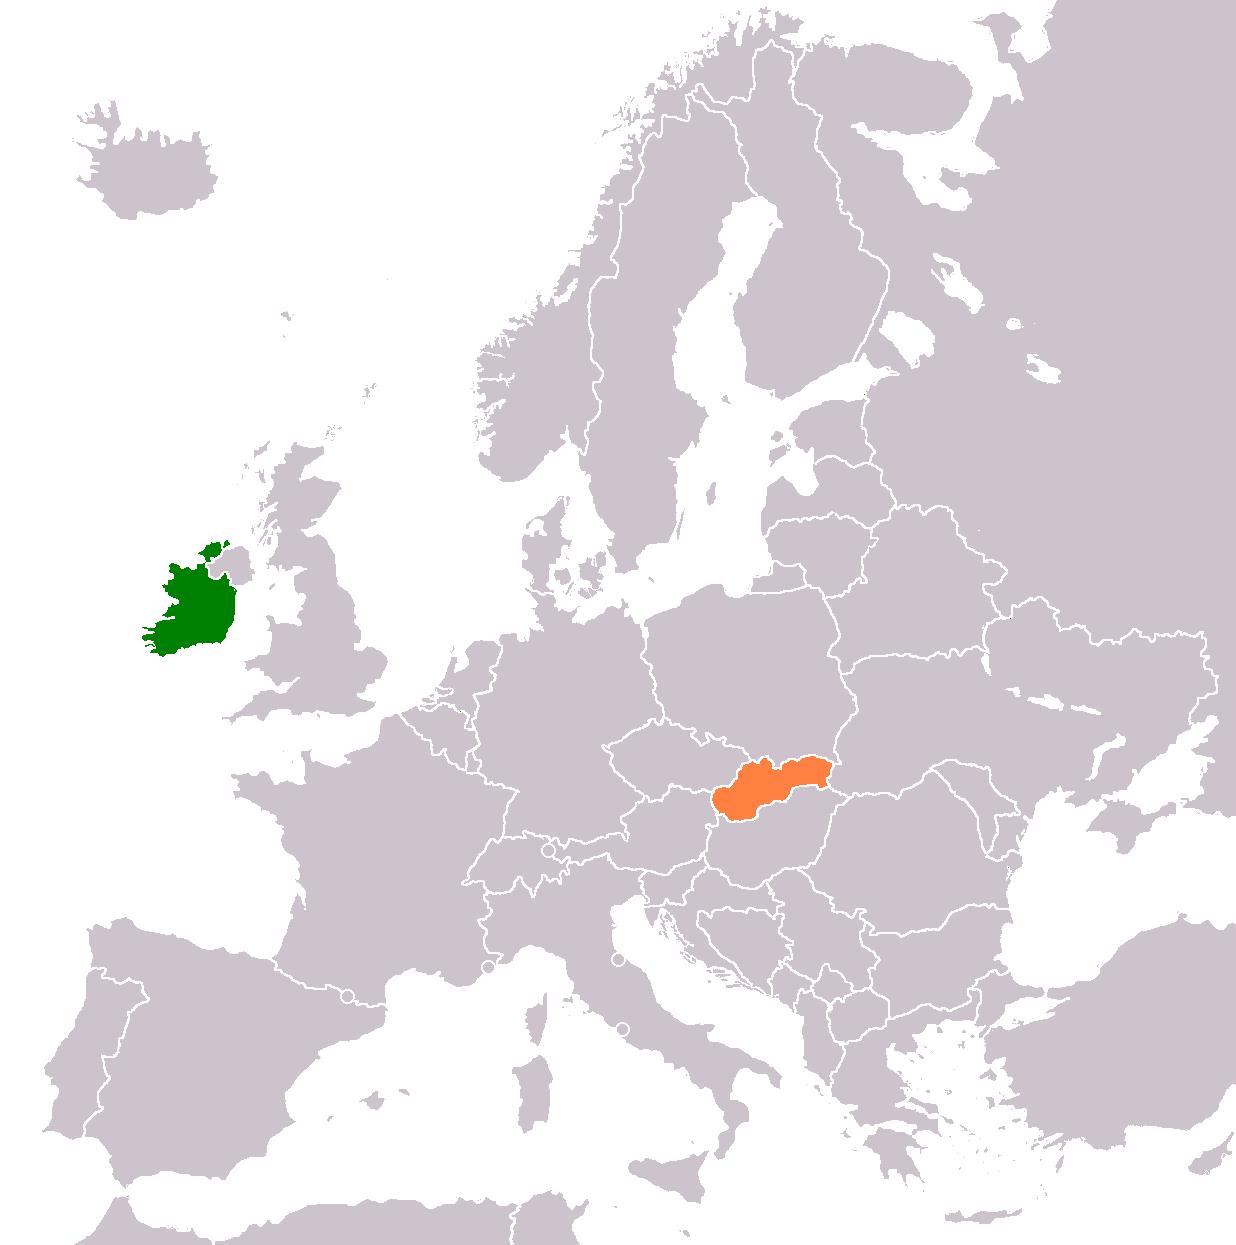 Slovakia World Map Location